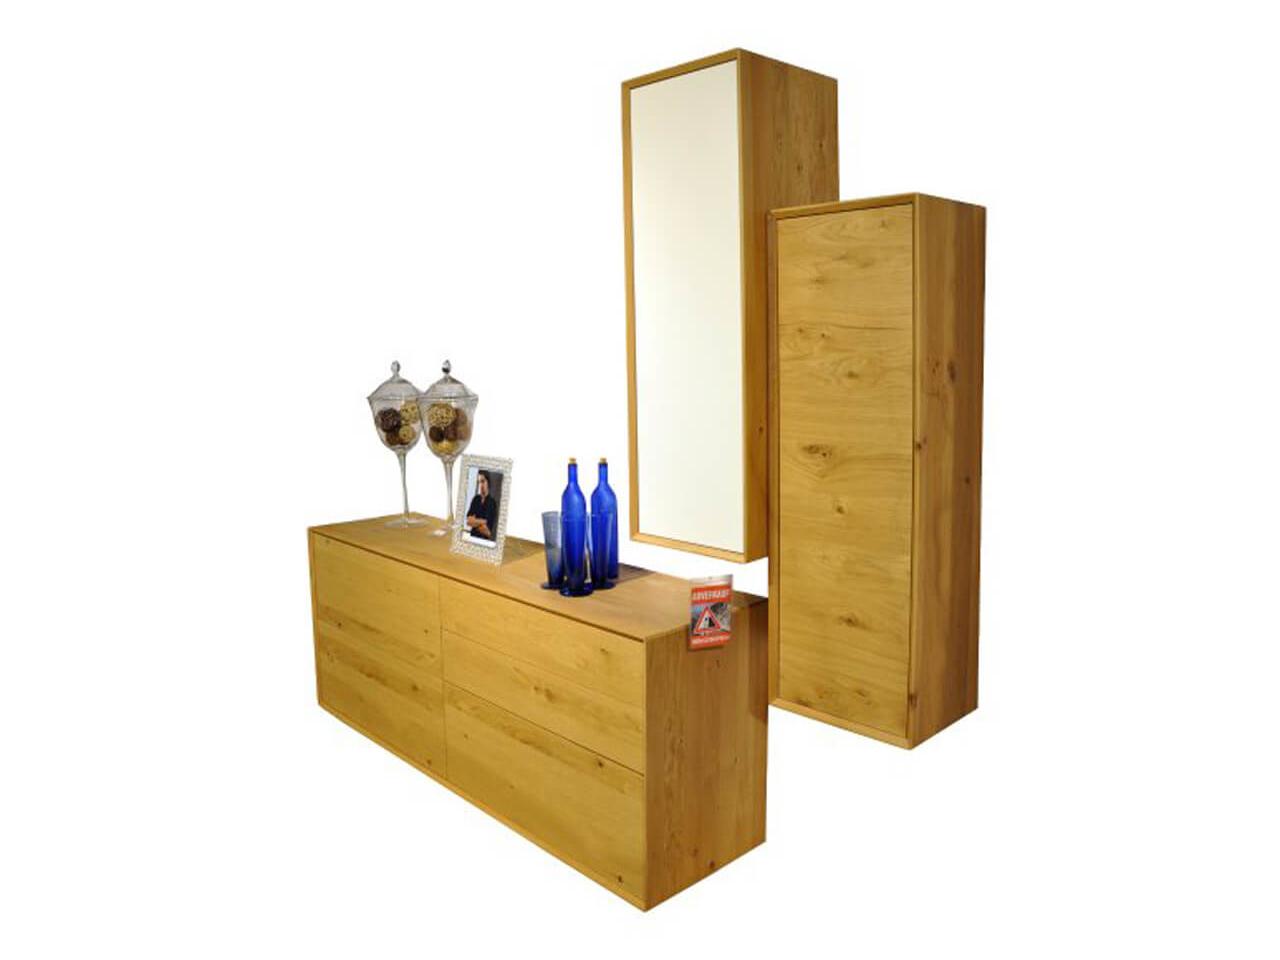 Wohnkombination Global Salamanca in massiver Wildeiche - bestehend aus Sideboard un Hängeschränken - Ausstellungsstück im Abverkauf